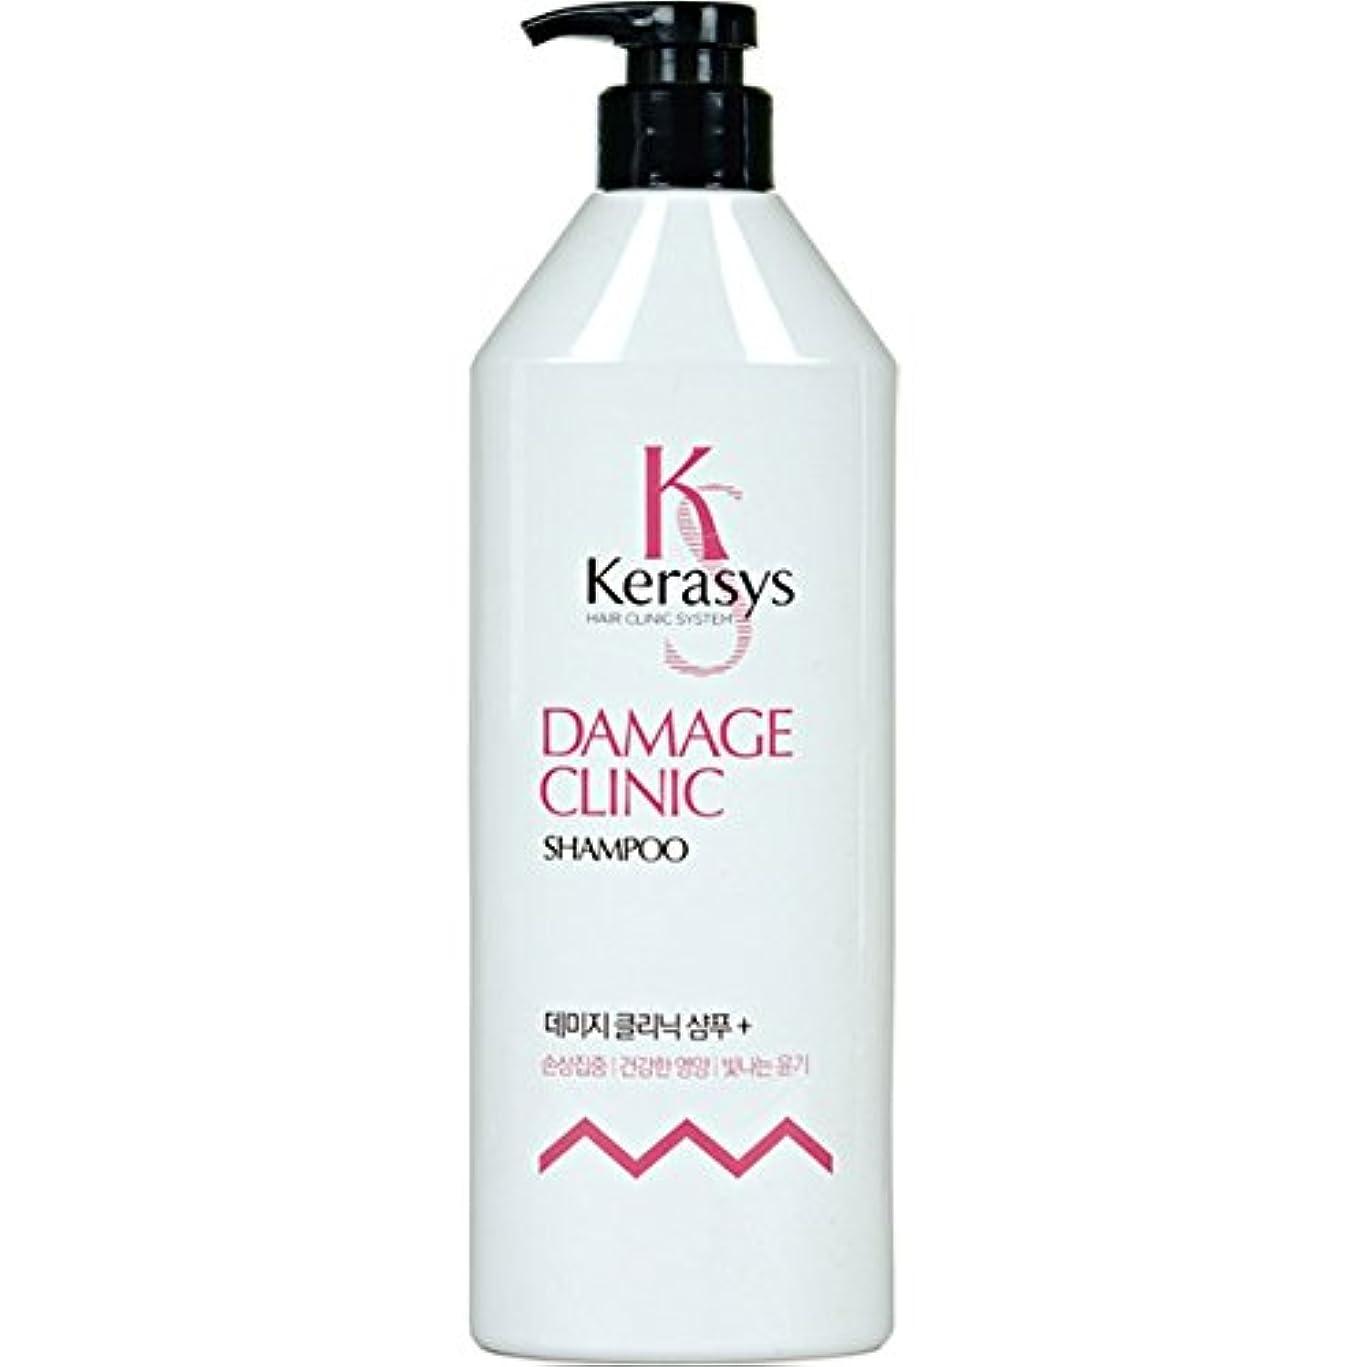 移民区別する援助[Kerasys] ケラシス ダメージクリニック シャンプー 750ml Damage Clinic Shampoo [海外直送品]